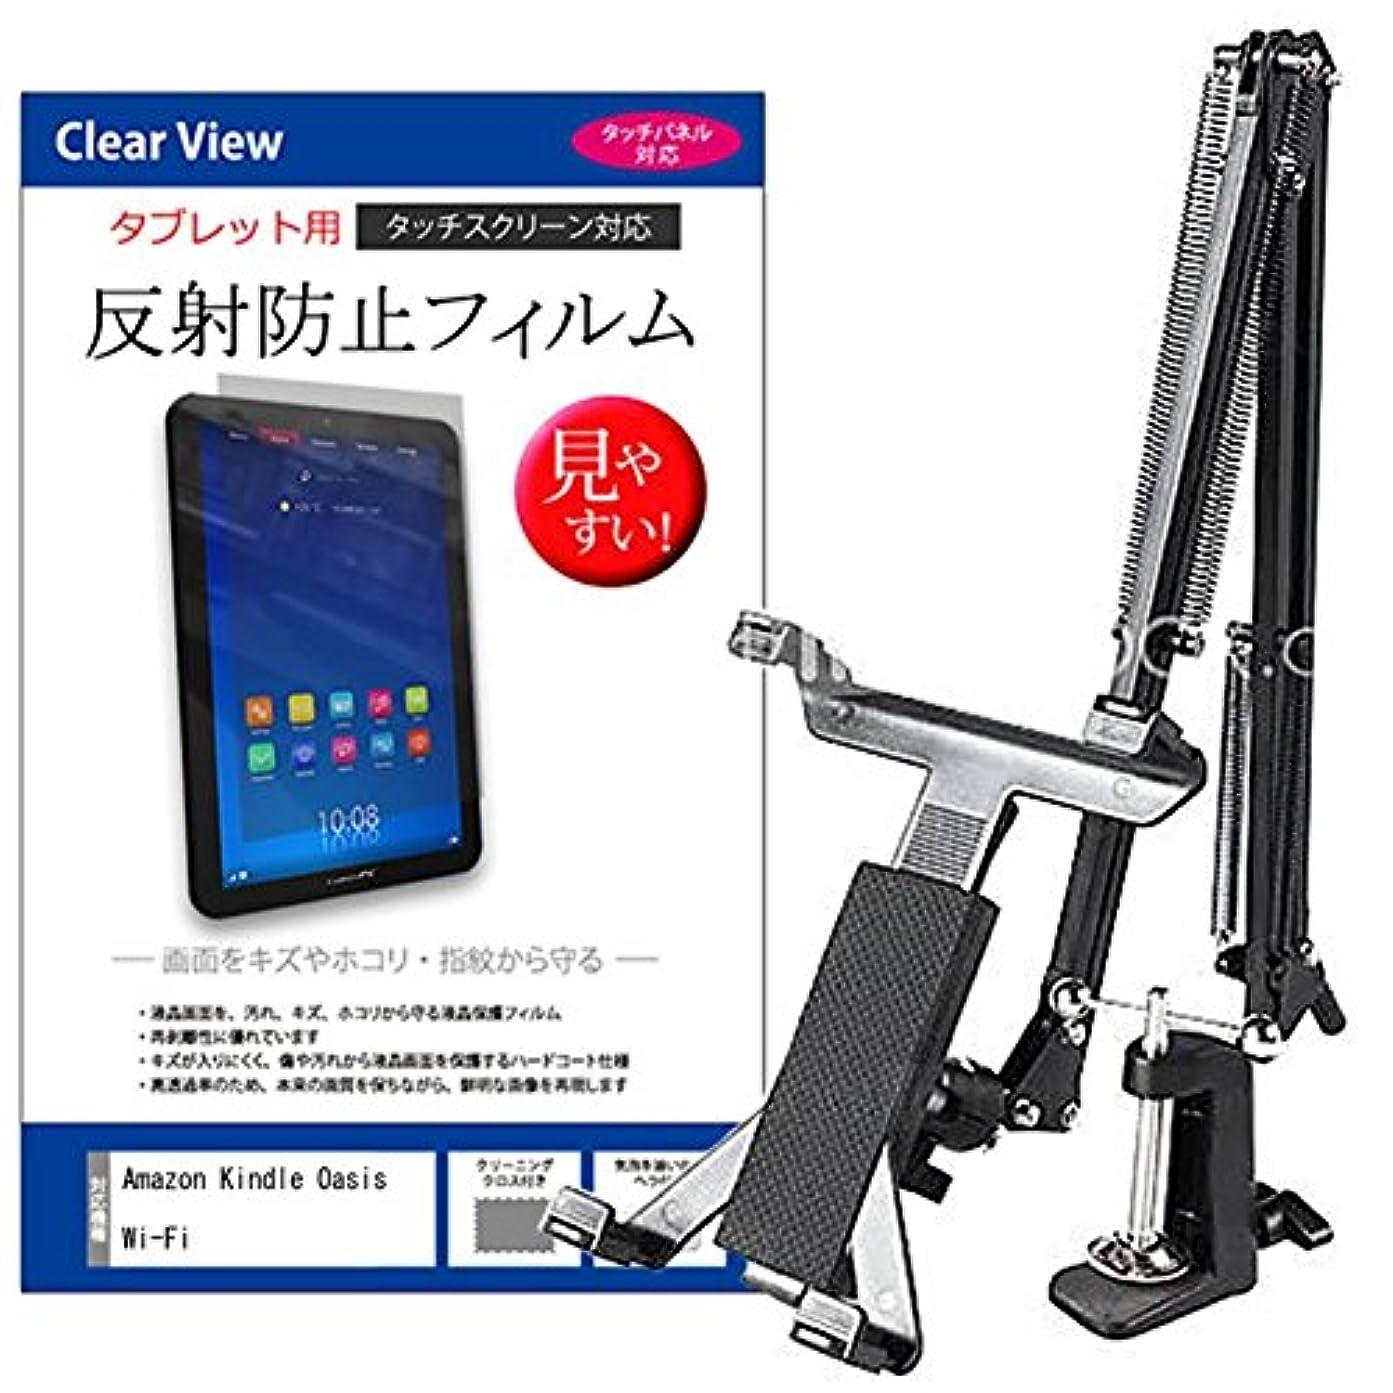 温度計配当無駄メディアカバーマーケット Amazon Kindle Oasis Wi-Fi[6インチ(1448x1072)]機種用 【クランプ式 アームスタンド と 反射防止液晶保護フィルム のセット】 デスク天板に取付